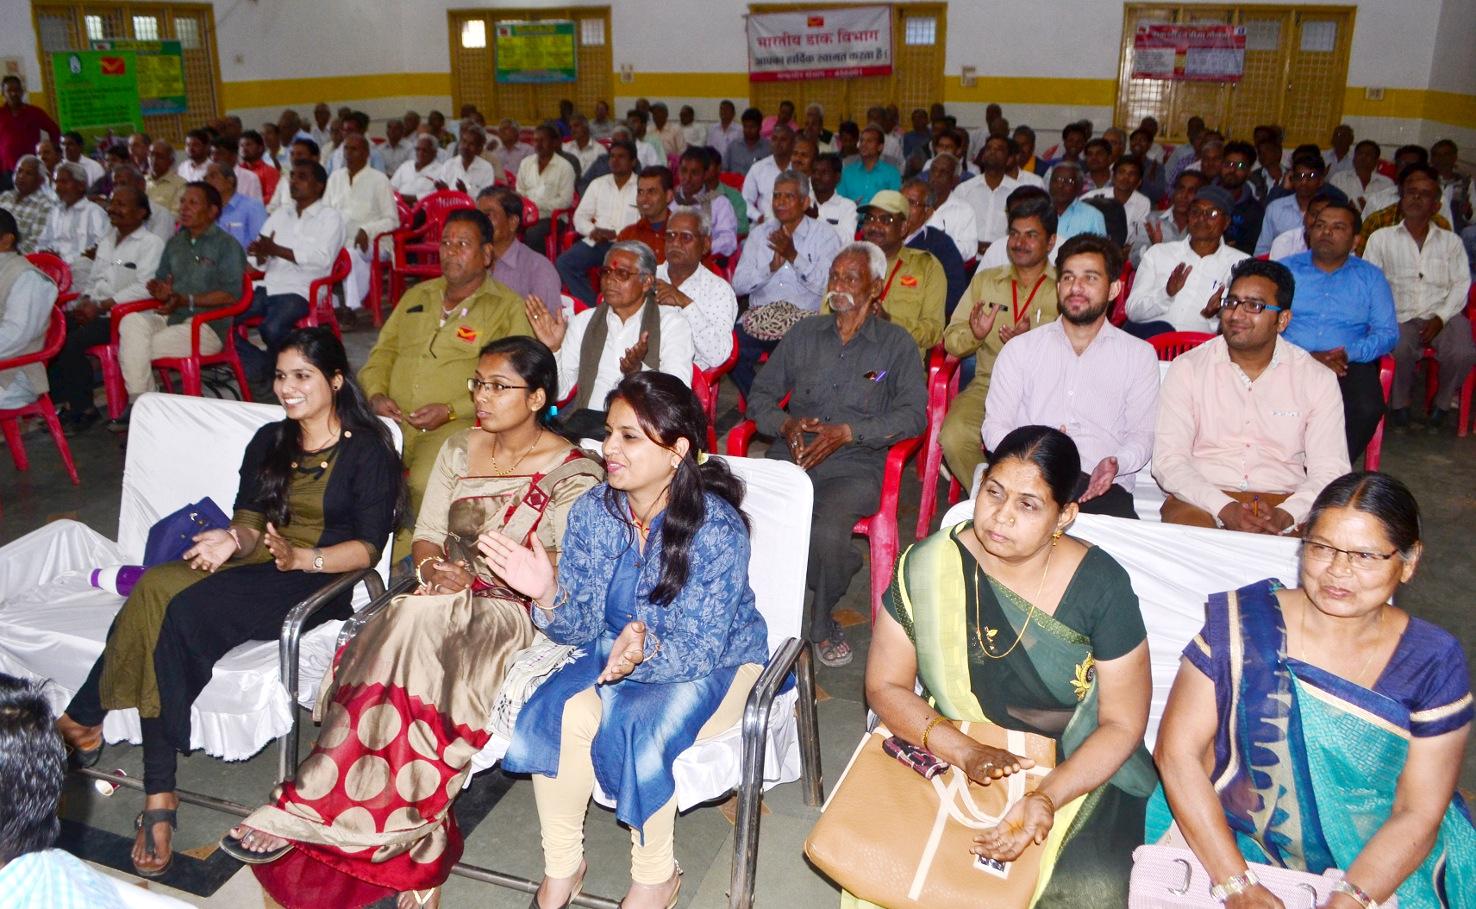 पोस्ट मास्टर जनरल इंदौर ने कि विभिन्न योजनाओं की समीक्षा